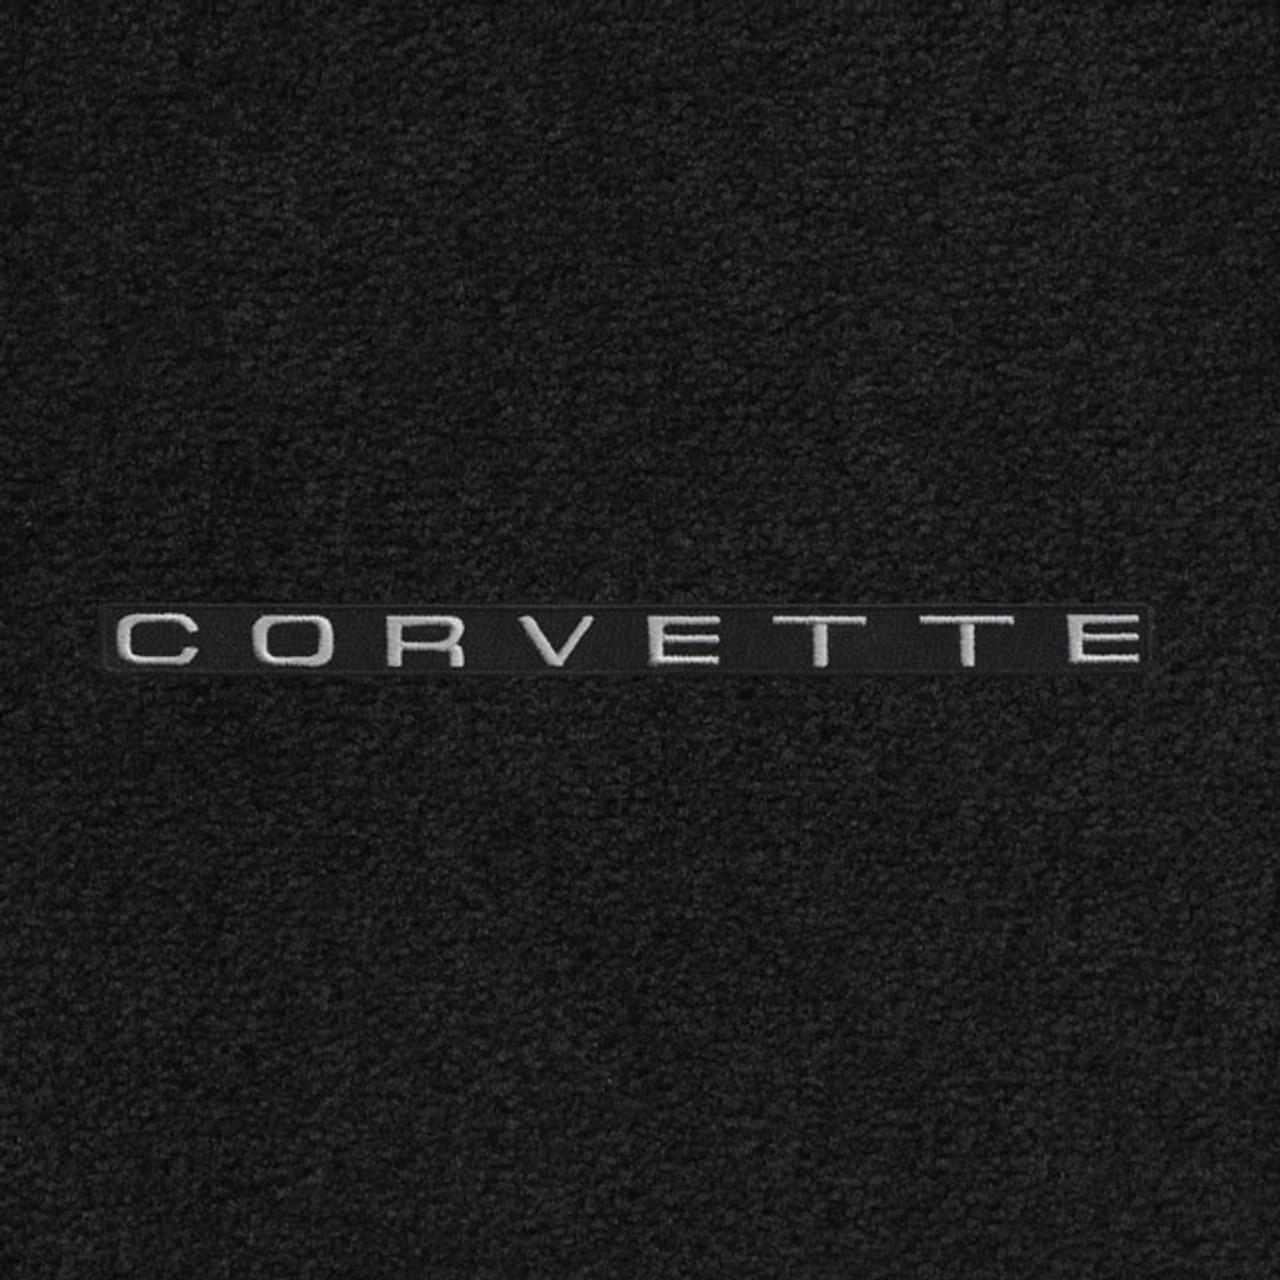 1974-1975 Corvette Lettering